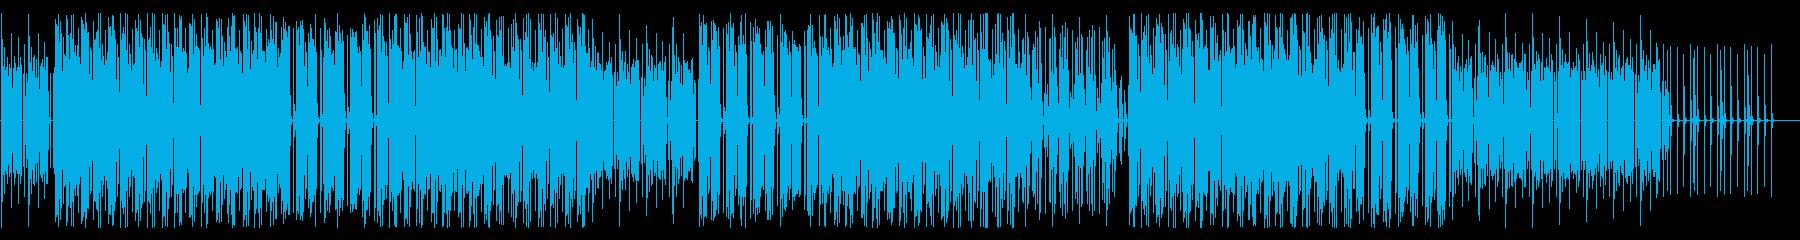 テンポのいい、少しコミカルで元気な曲の再生済みの波形